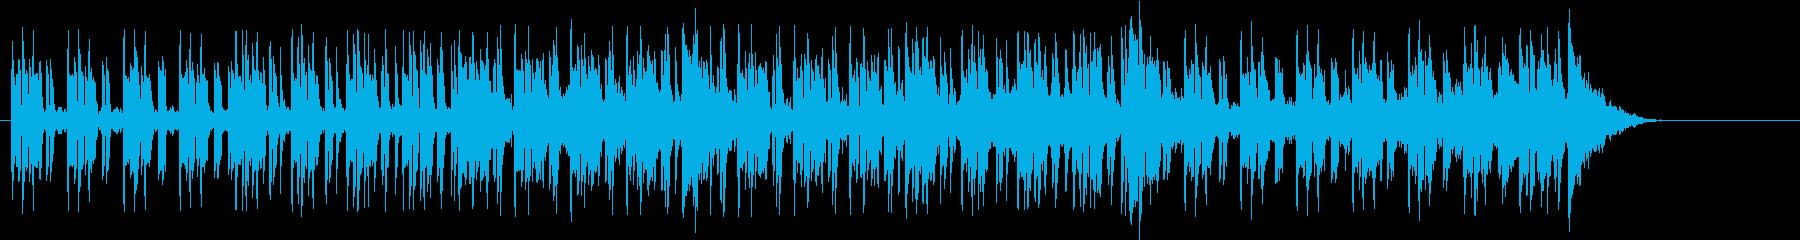 怪しげなマイナー・テクノ/ドキュメントの再生済みの波形